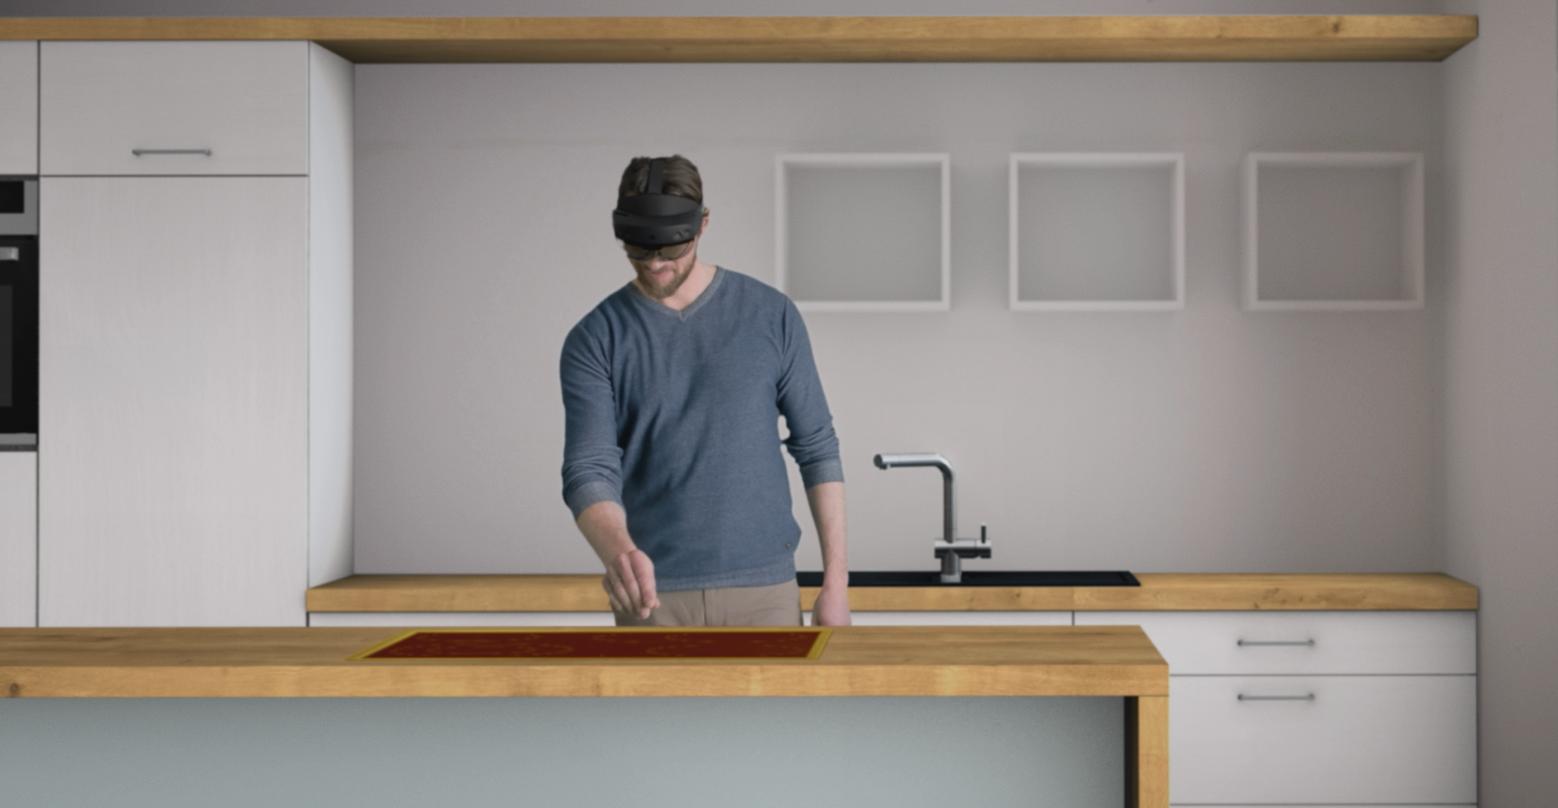 Mann steht in einer Küche und trägt eine Microsoft HoloLens 2